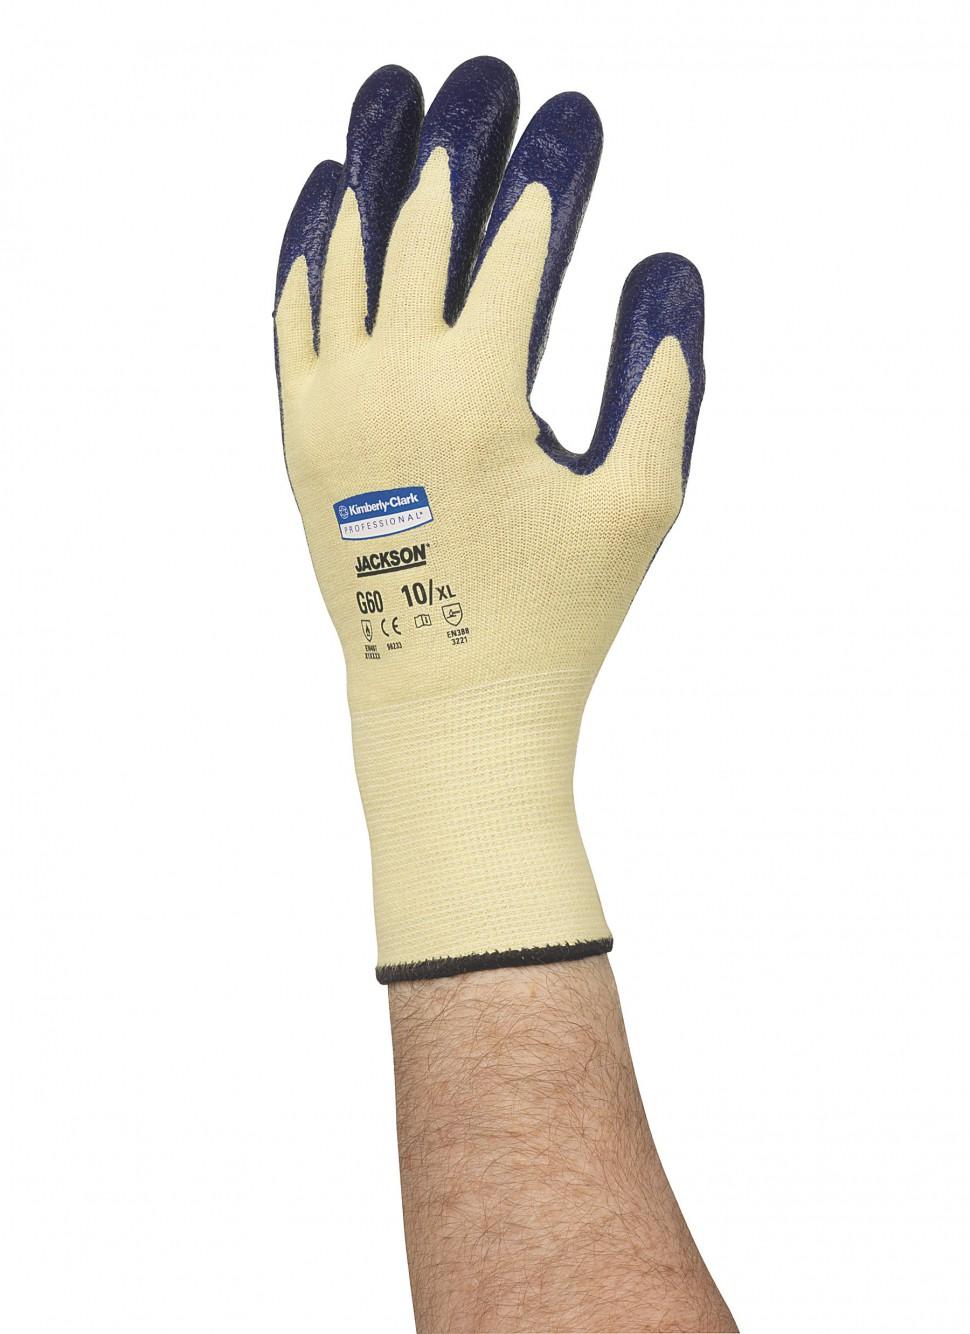 **Супер распродажа!*Ваши руки под надежной защитой!!!Всего 35р за нереально крутые перчатки для дачников и рабочих!Не боятся растворителей!В рознице в 4 раза дороже!12 Новинка перчатки для стекла!